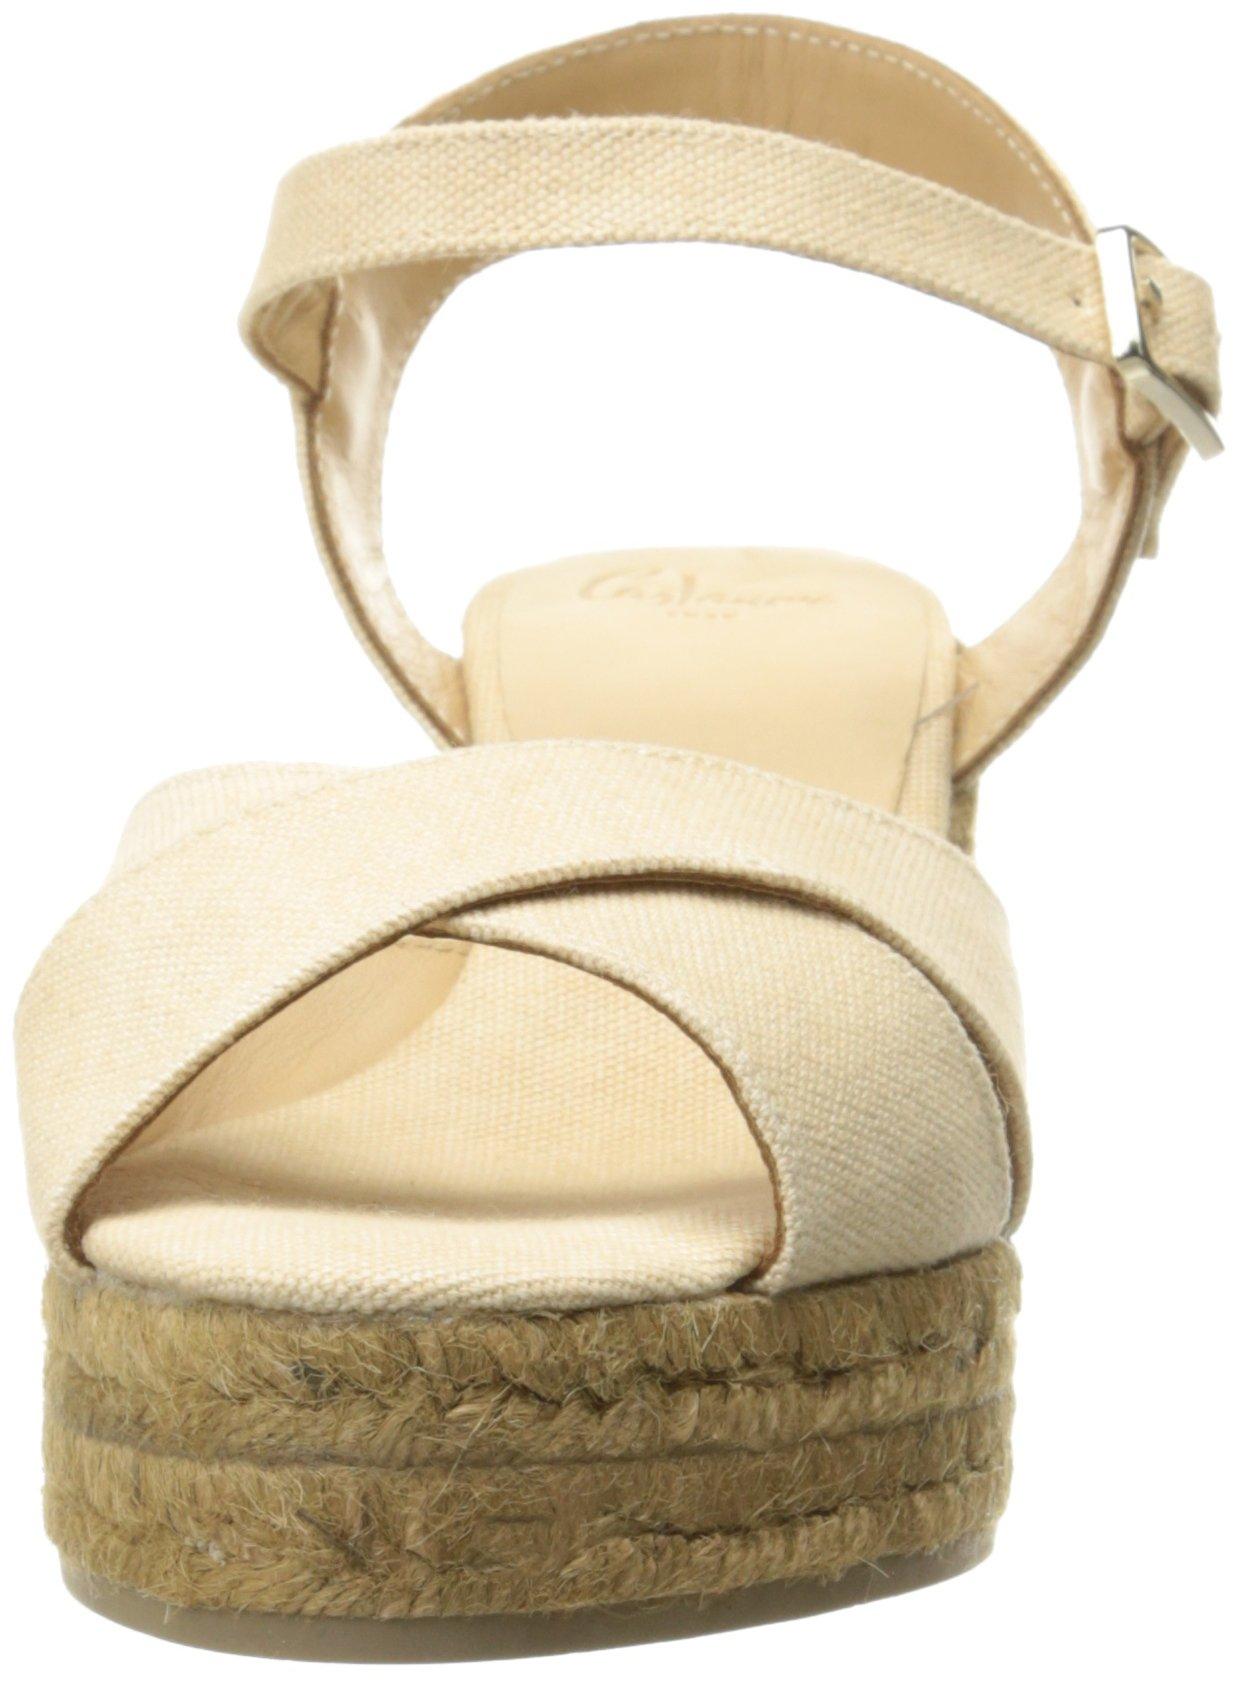 Castaner Women's Blaudell Platform Sandal, Nude (Beige), 37 EU/6.5 N US by Castaner (Image #4)